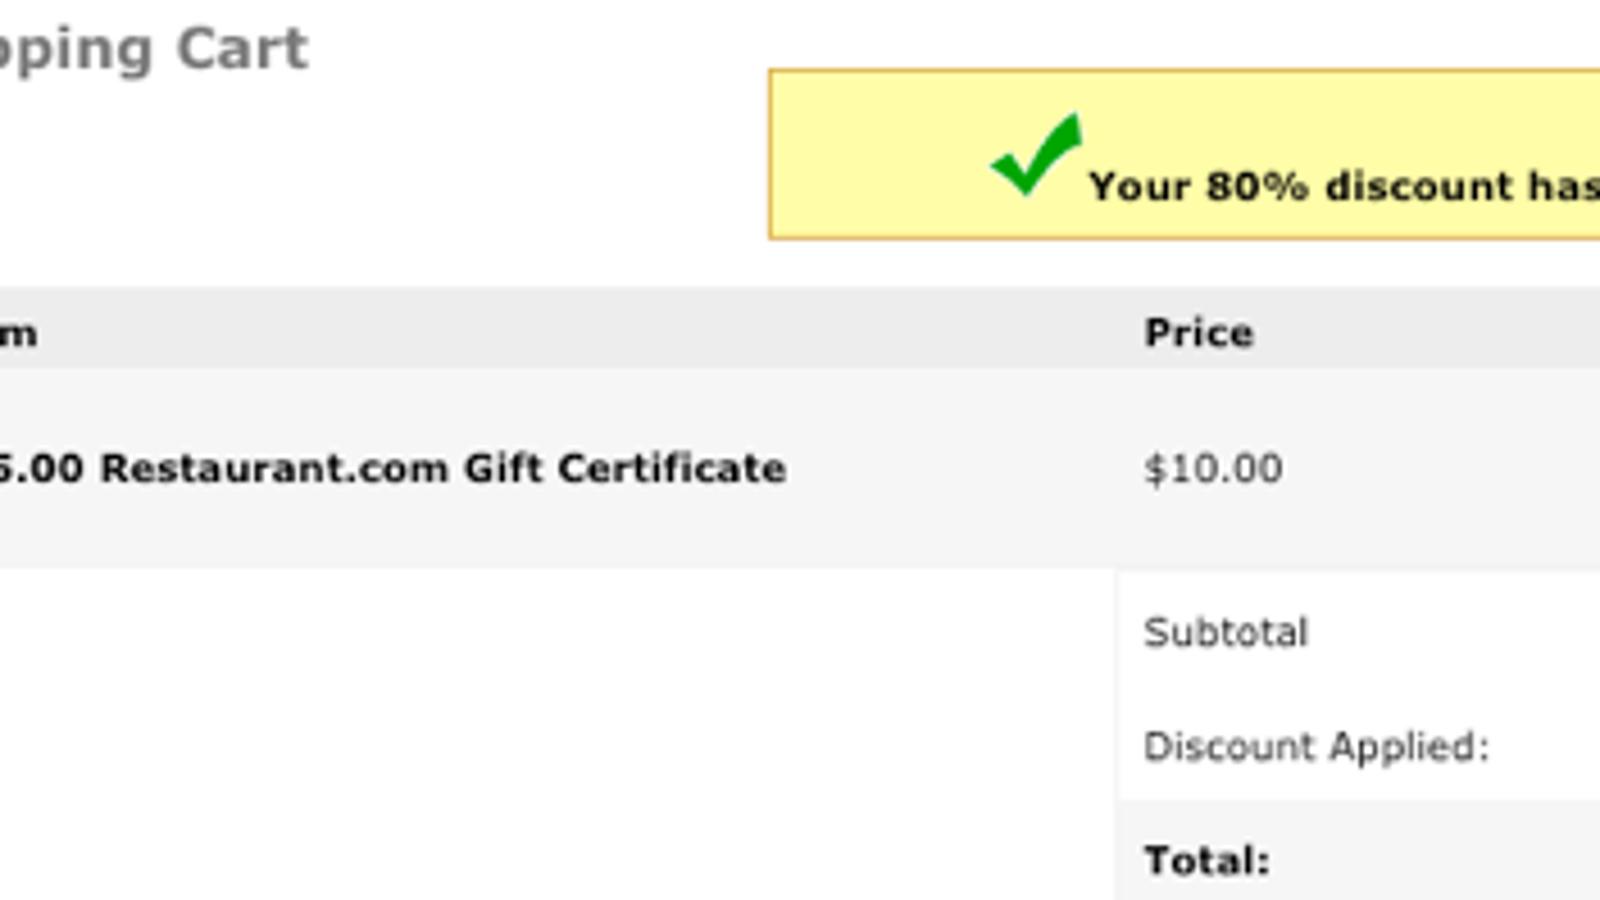 Buy $25 Restaurant Gift Cards for $2